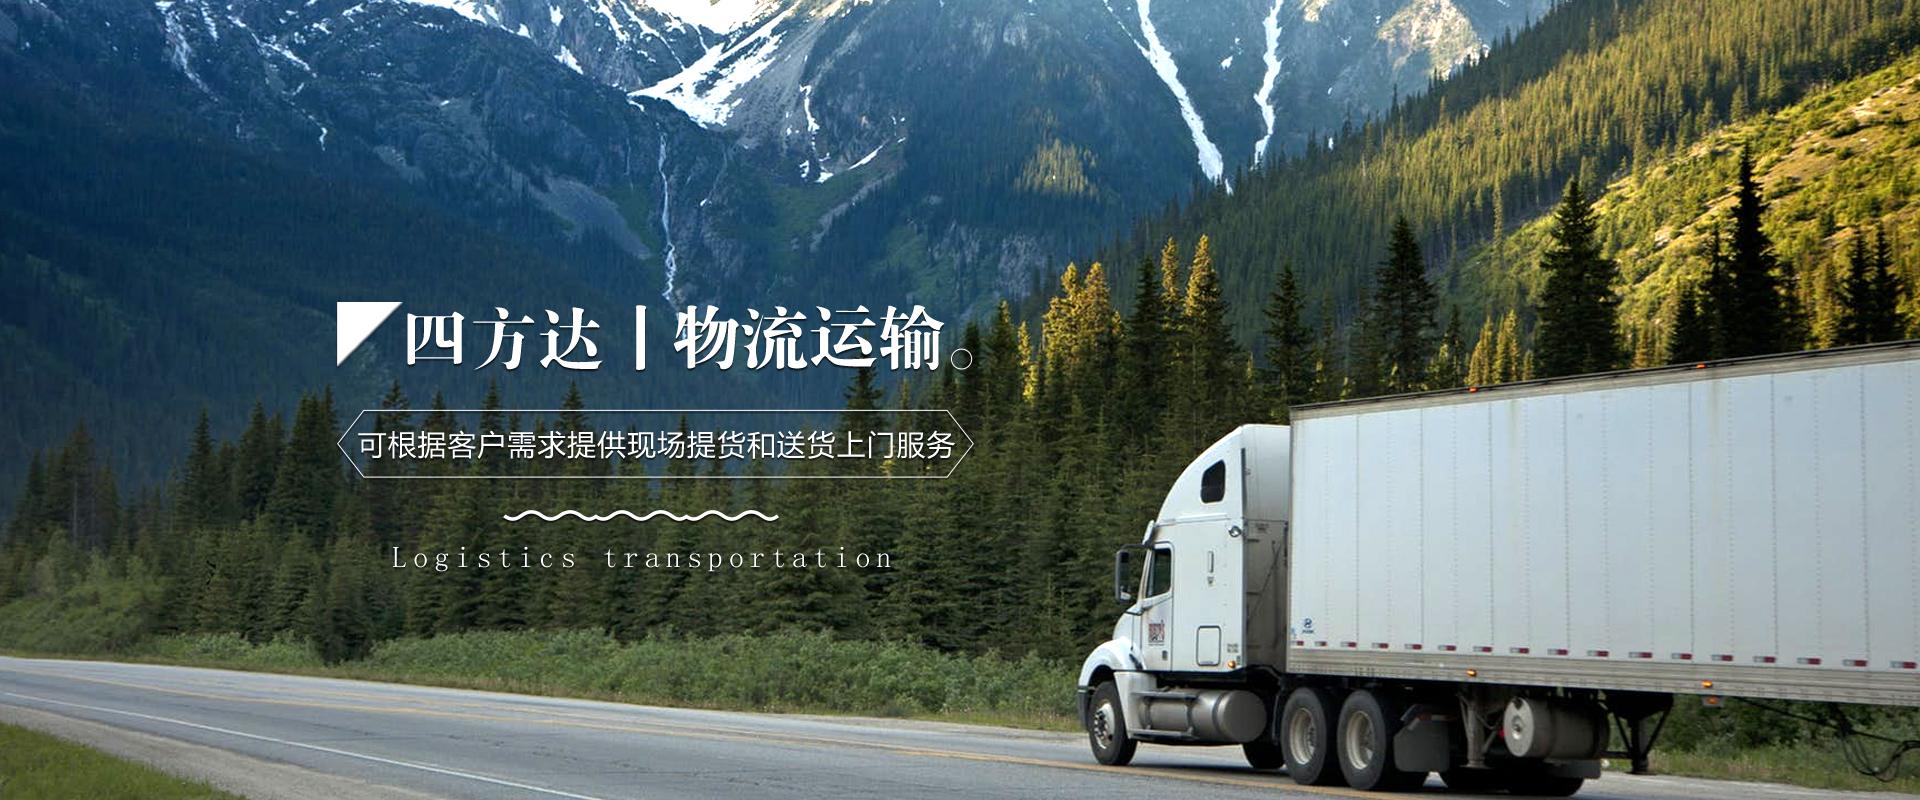 大连货物运输